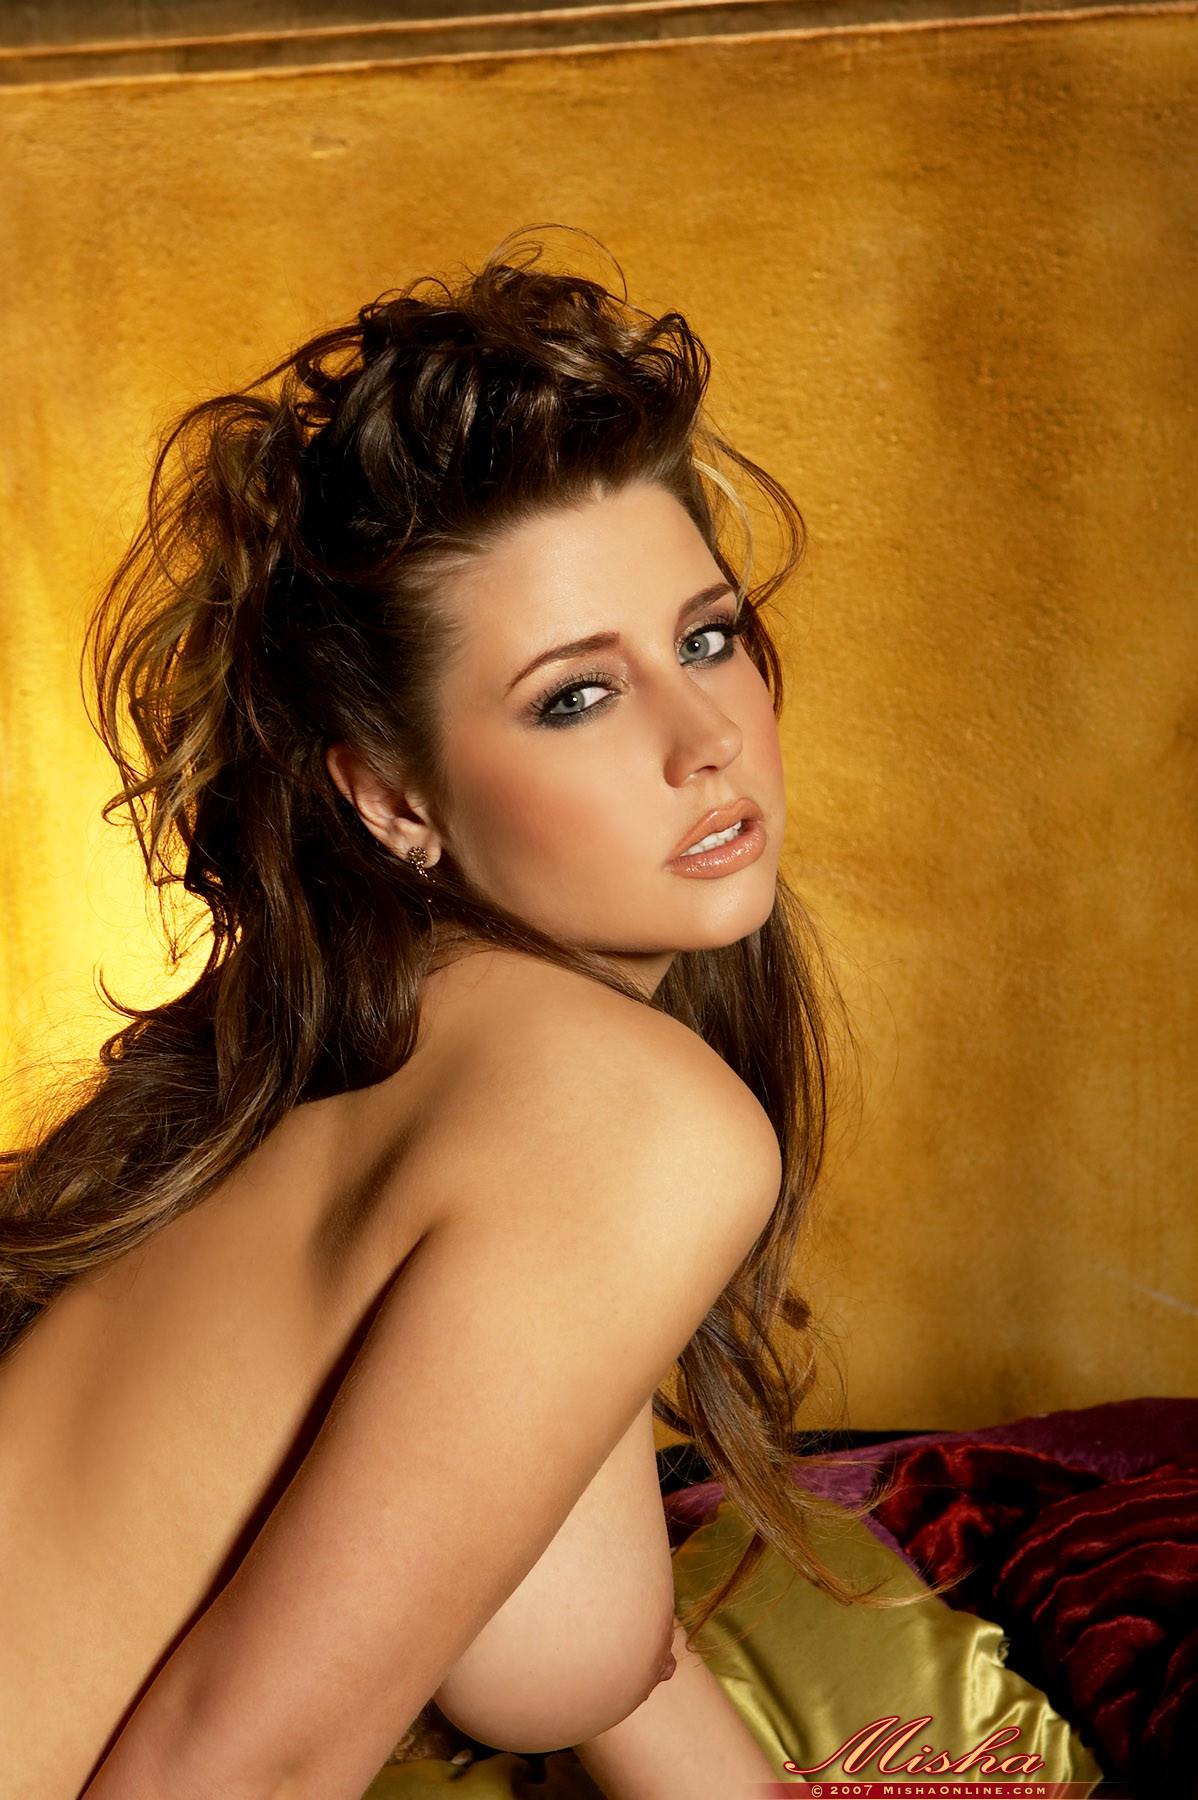 shaved-brunette-babe-erica-campbell-14.jpg